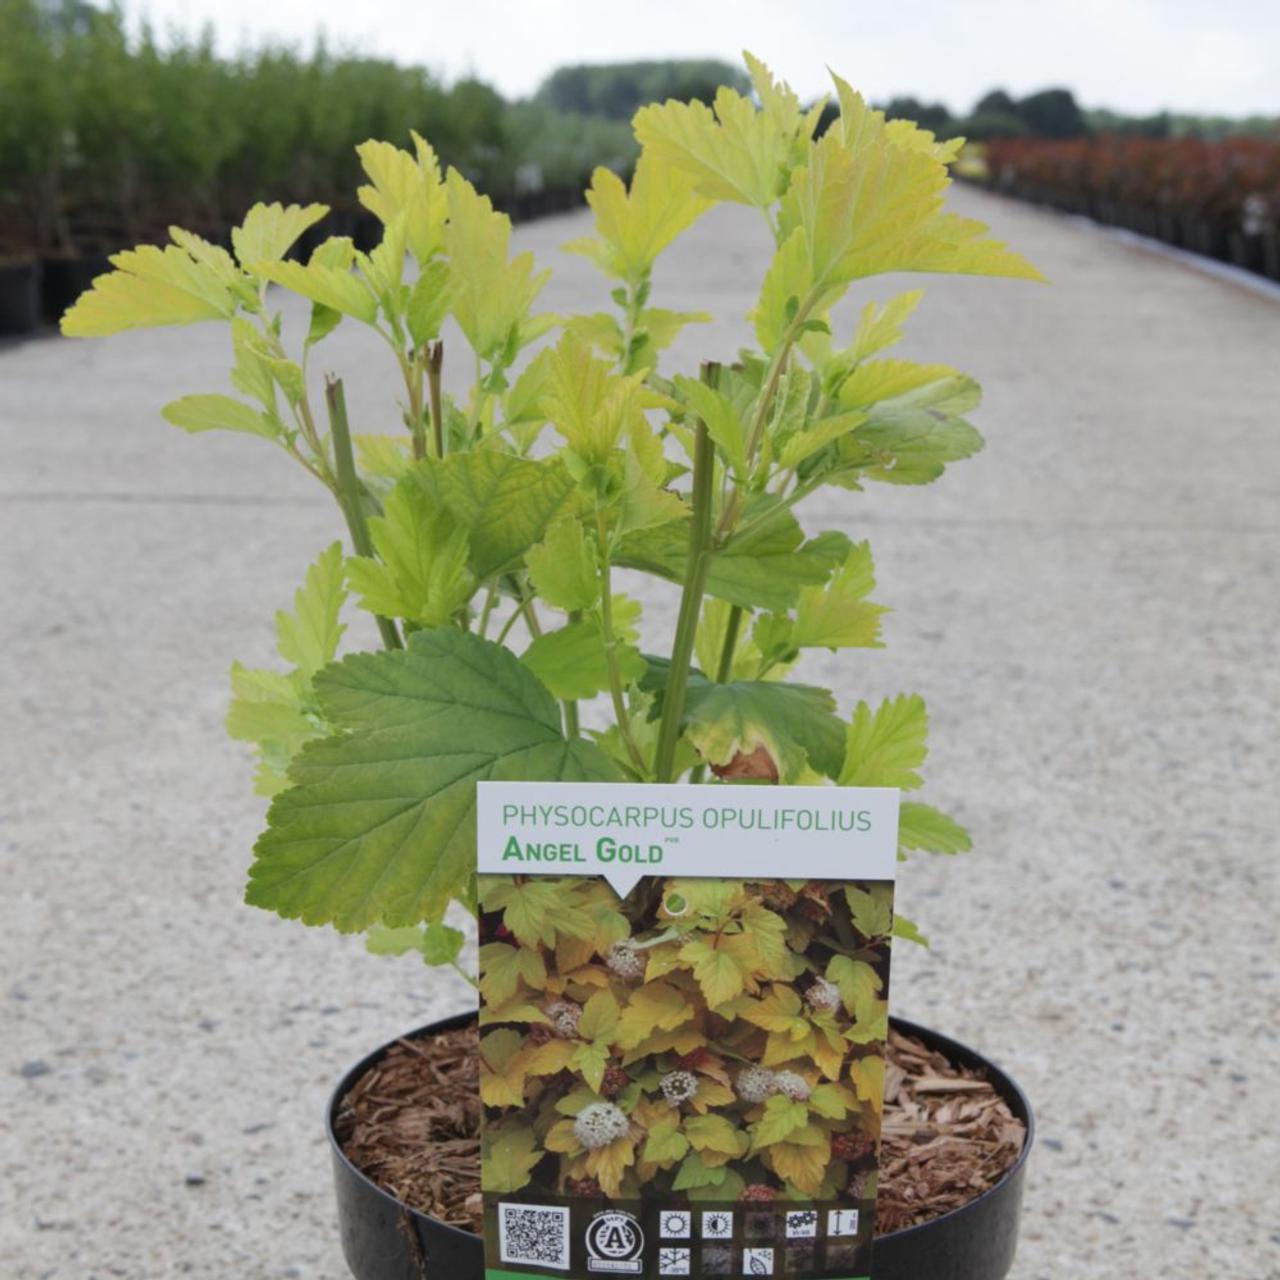 Physocarpus opulifolius 'Angel Gold' (35530)